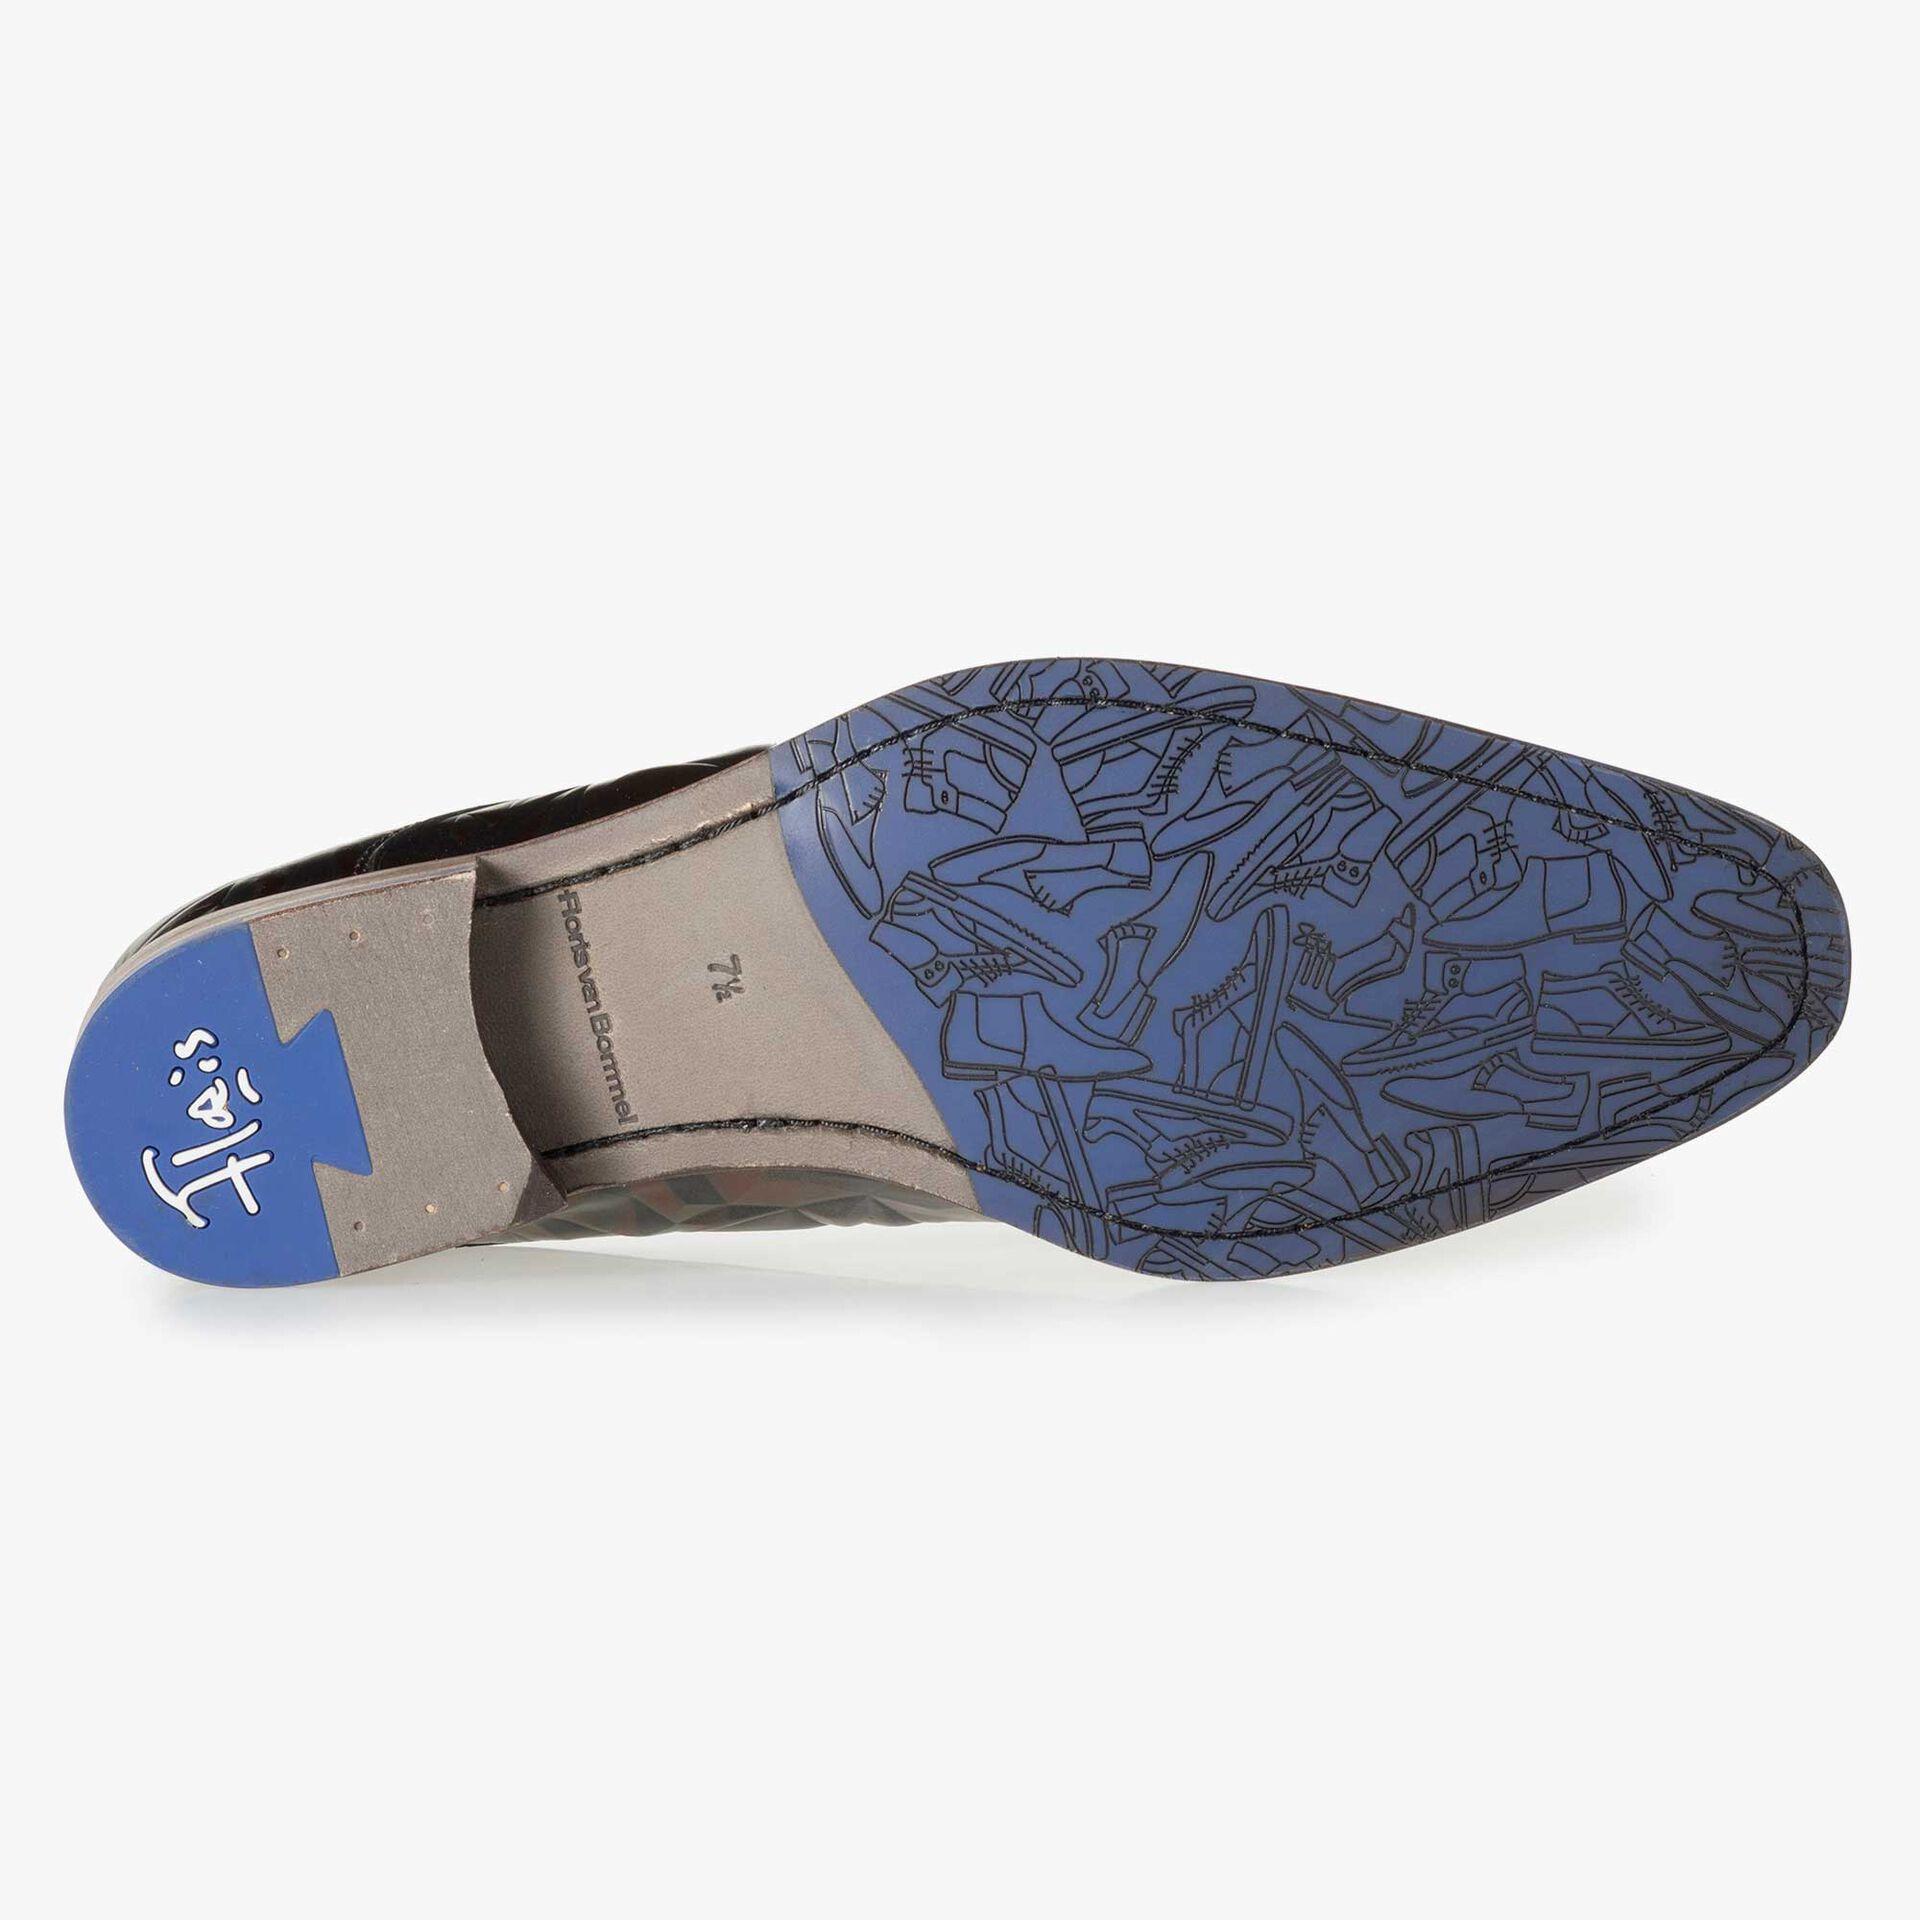 Floris van Bommel dunkelbrauner Herren Leder Schnürschuh mit einem schwarzen 3D-Print